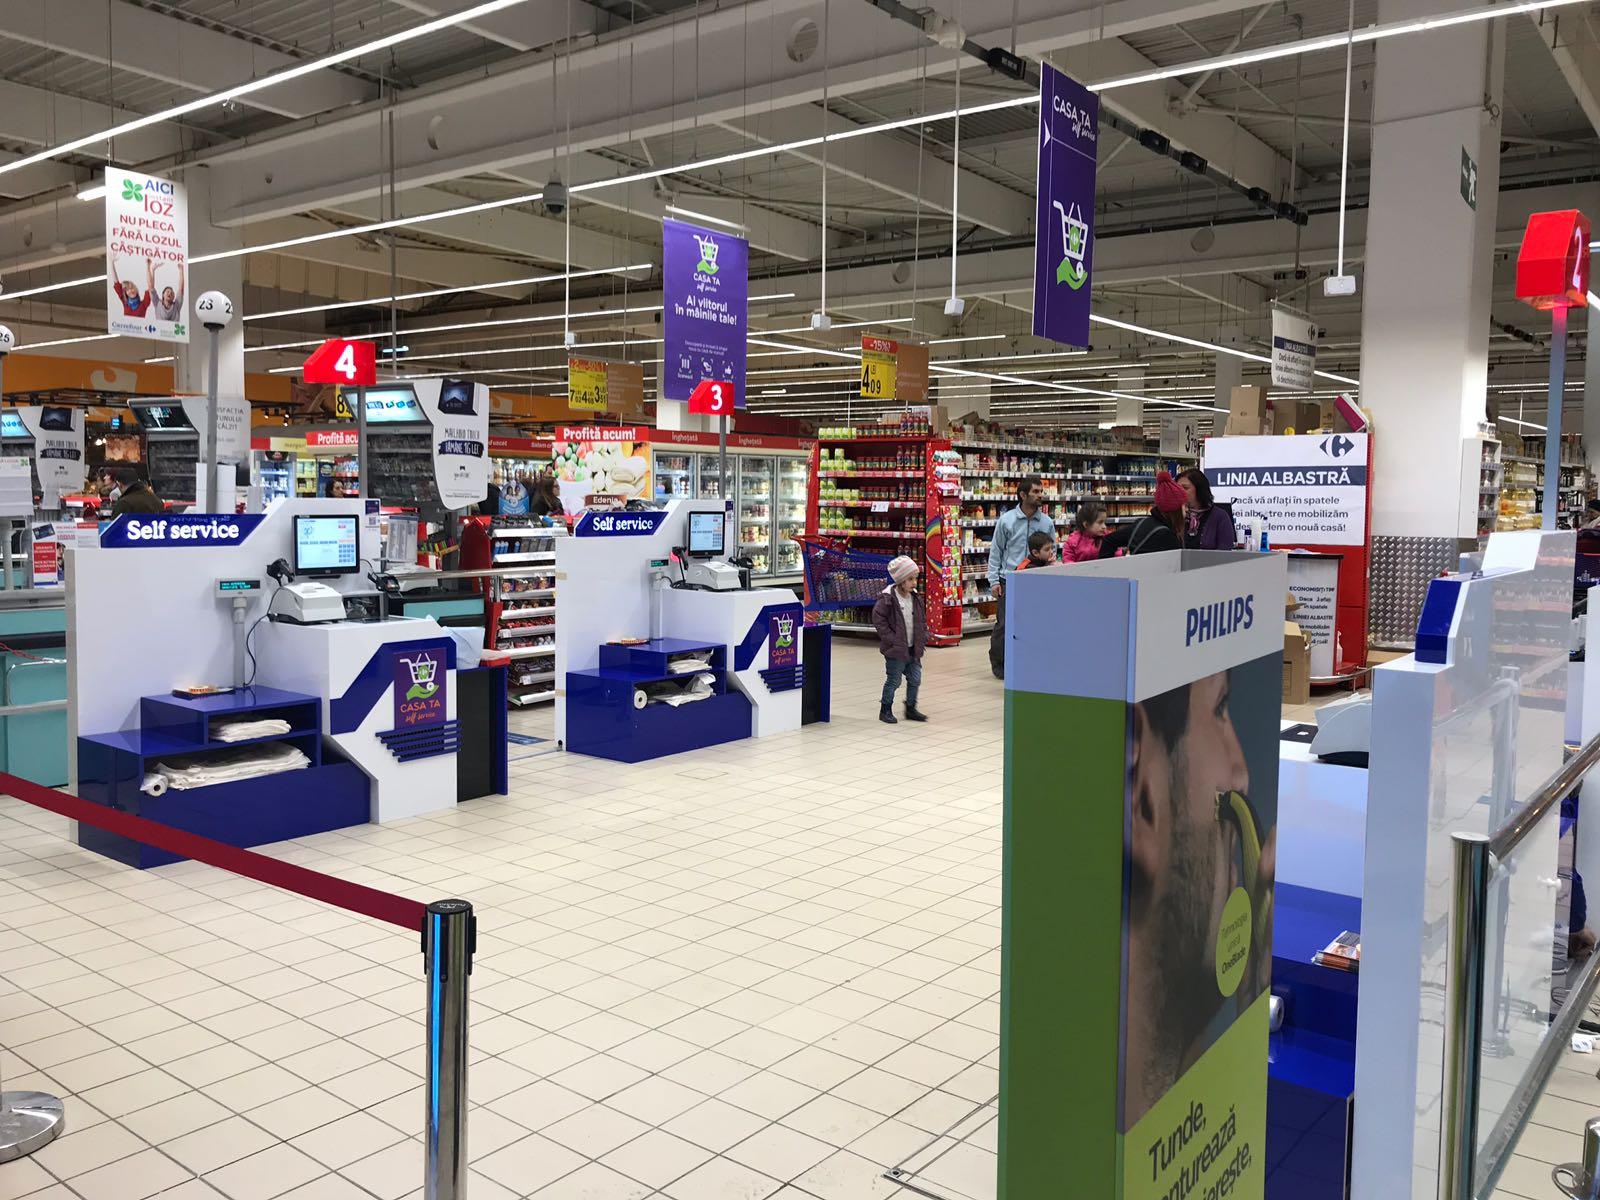 """Carrefour extinde serviciul """"Casa ta – Self Service""""  O modalitate accesibilă de scanare și plată, în alte 3 unități din rețeaua națională a grupului"""